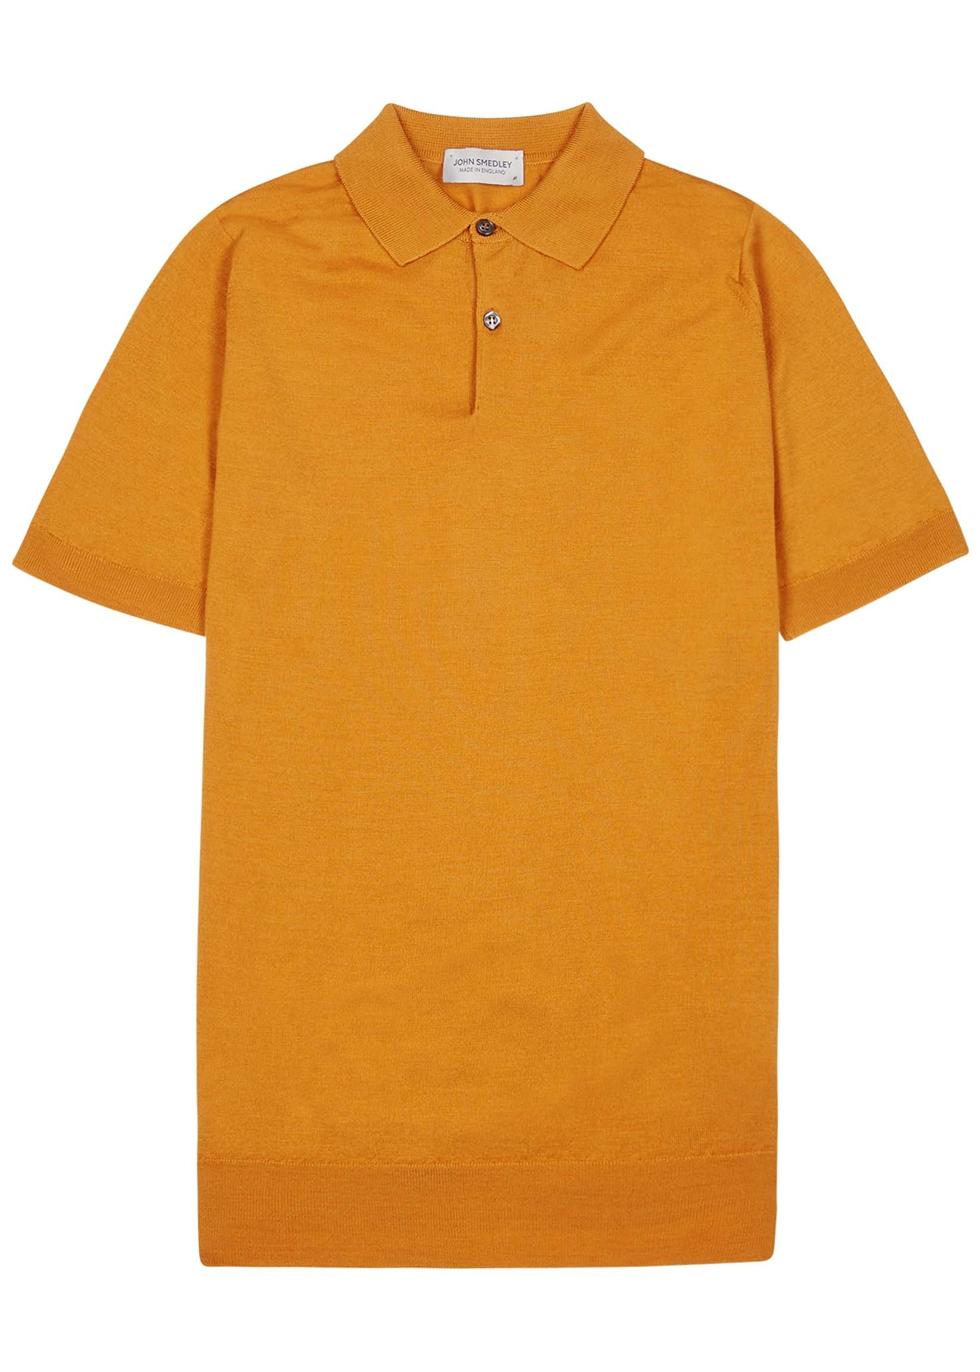 Payton dark teal merino wool polo shirt